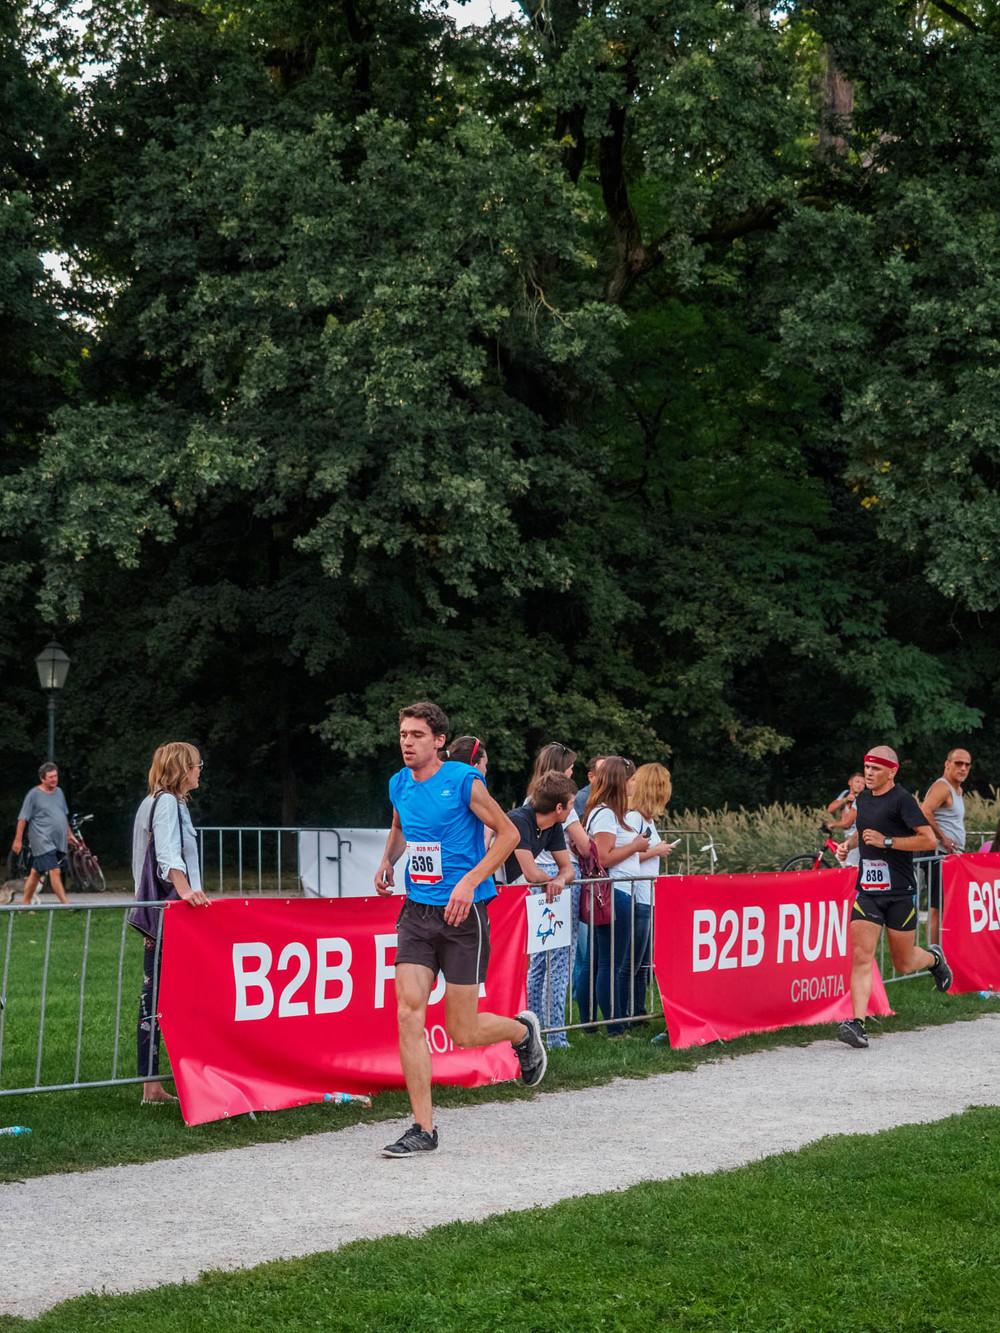 B2b Run-239.JPG